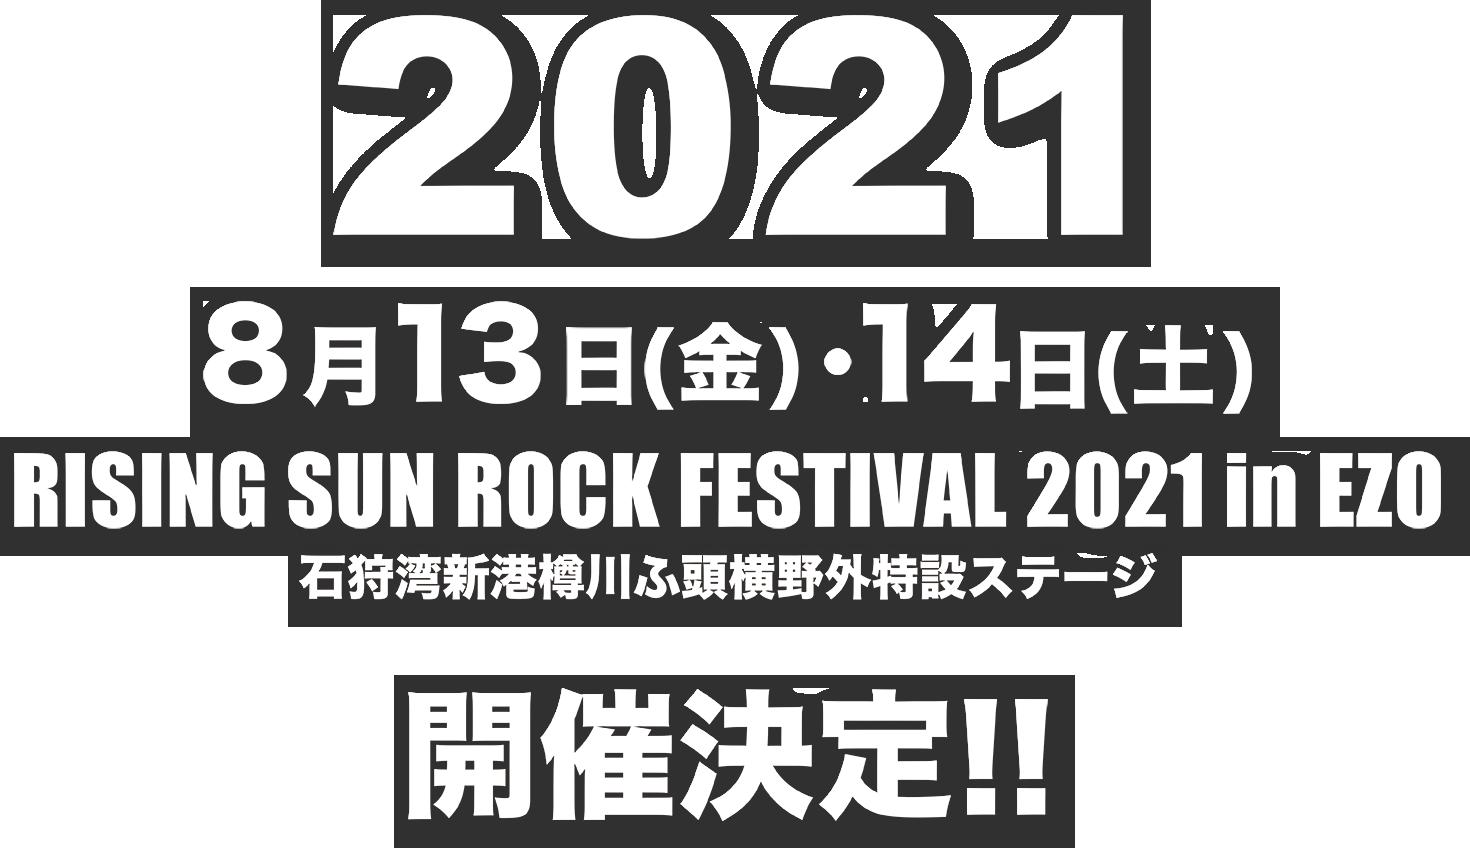 RISING SUN ROCK FESTIVAL 2021 in EZO 2021年8月13日(金)・14日(土) 開催決定!